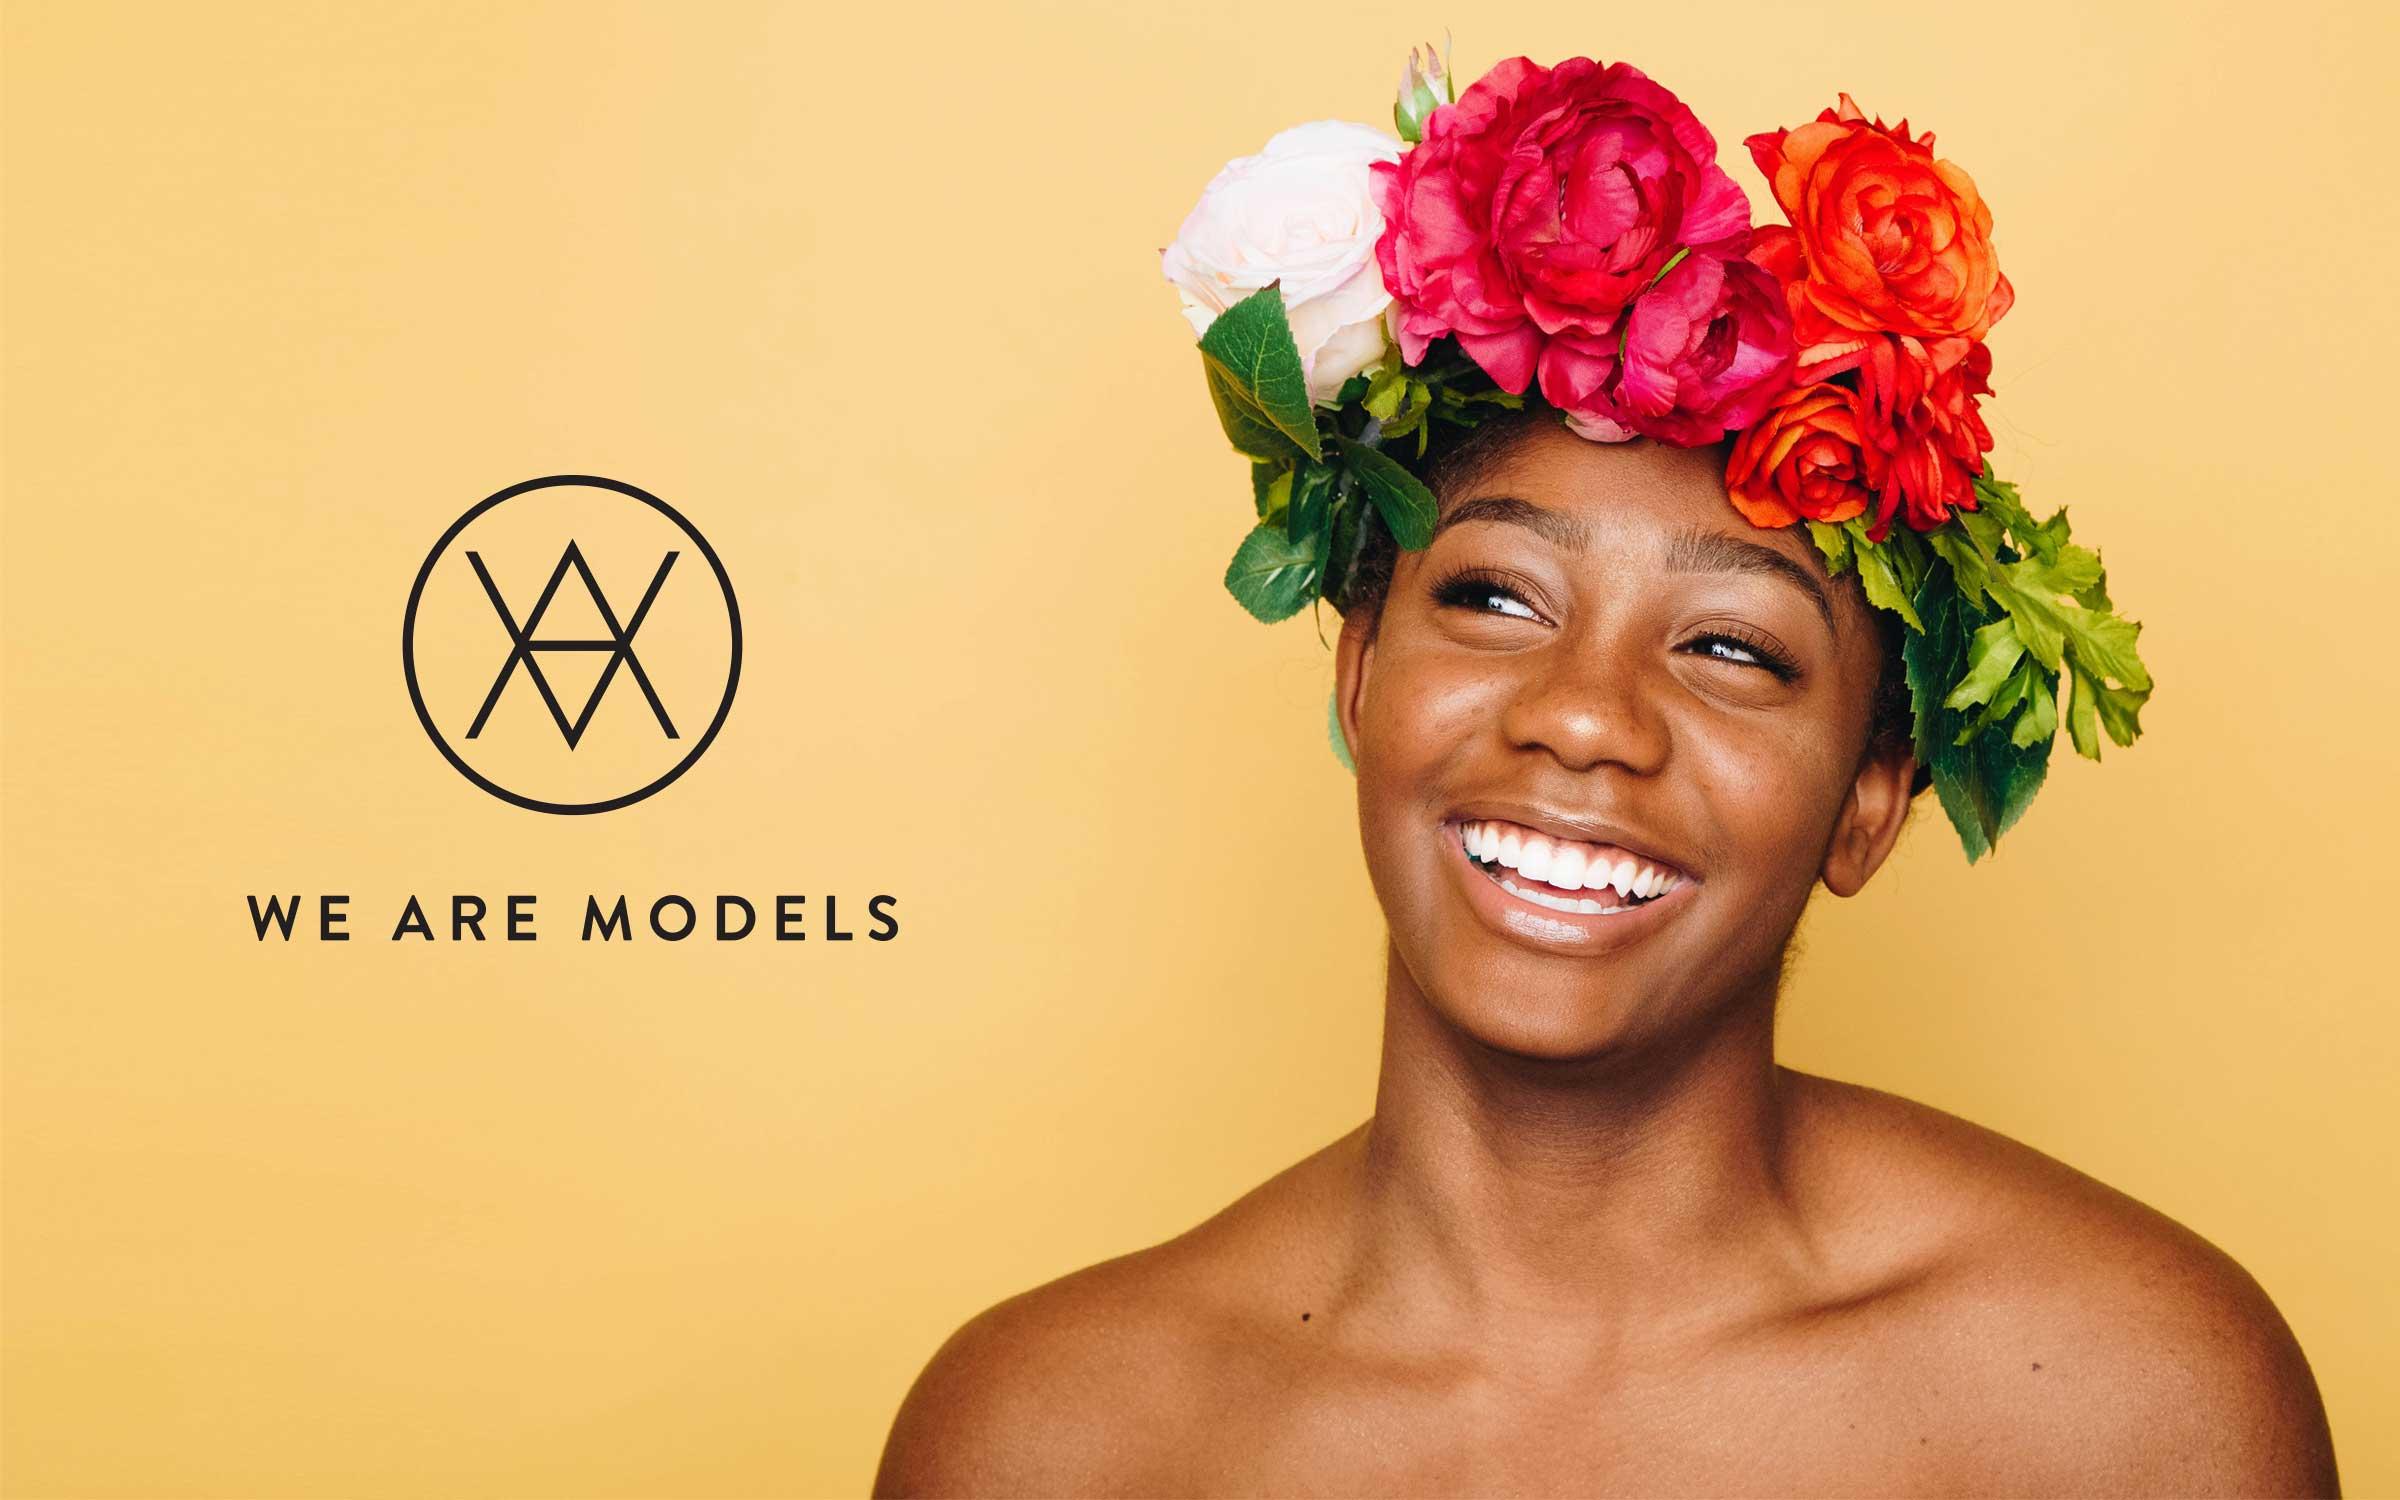 monogram logo brand for london model agency